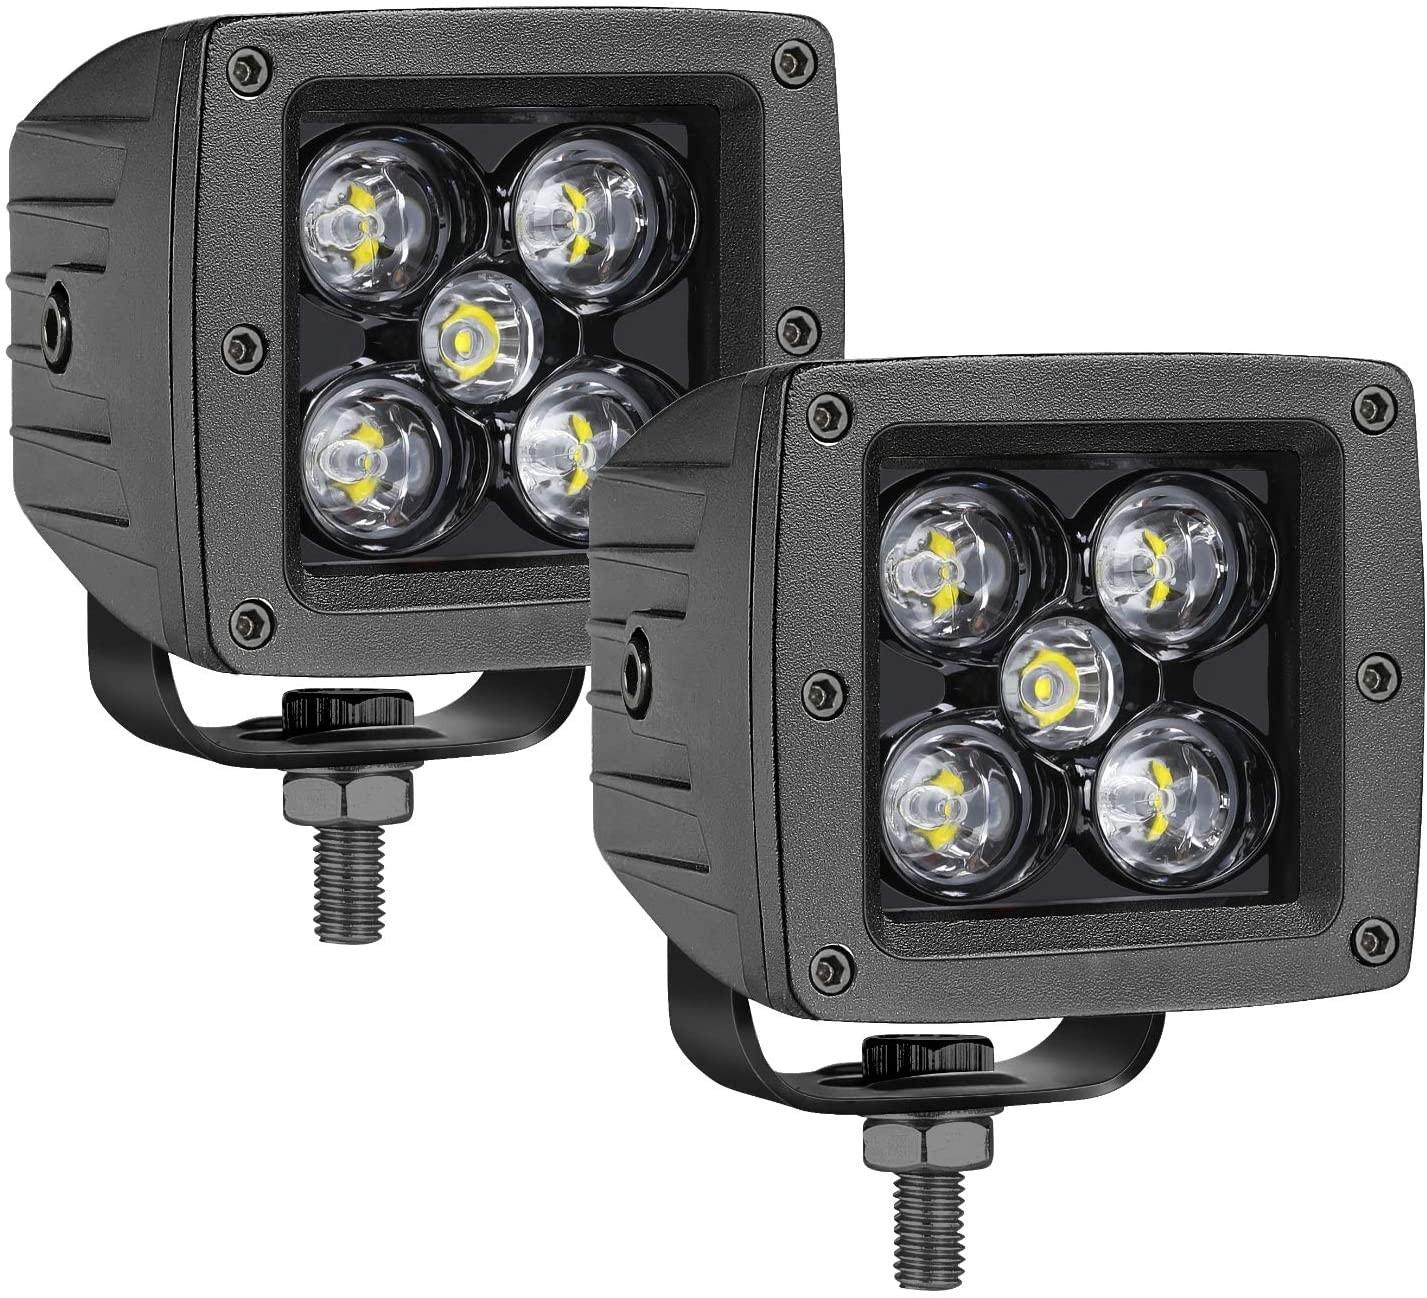 OFFROADTOWN LED Cubes, 2PCS 3 Inch 100W LED Pods Square Driving Light Spot Beam LED Light Bars LED Work Light Fog Lights for Trucks Jeep ATV UTV SUV Car Boat